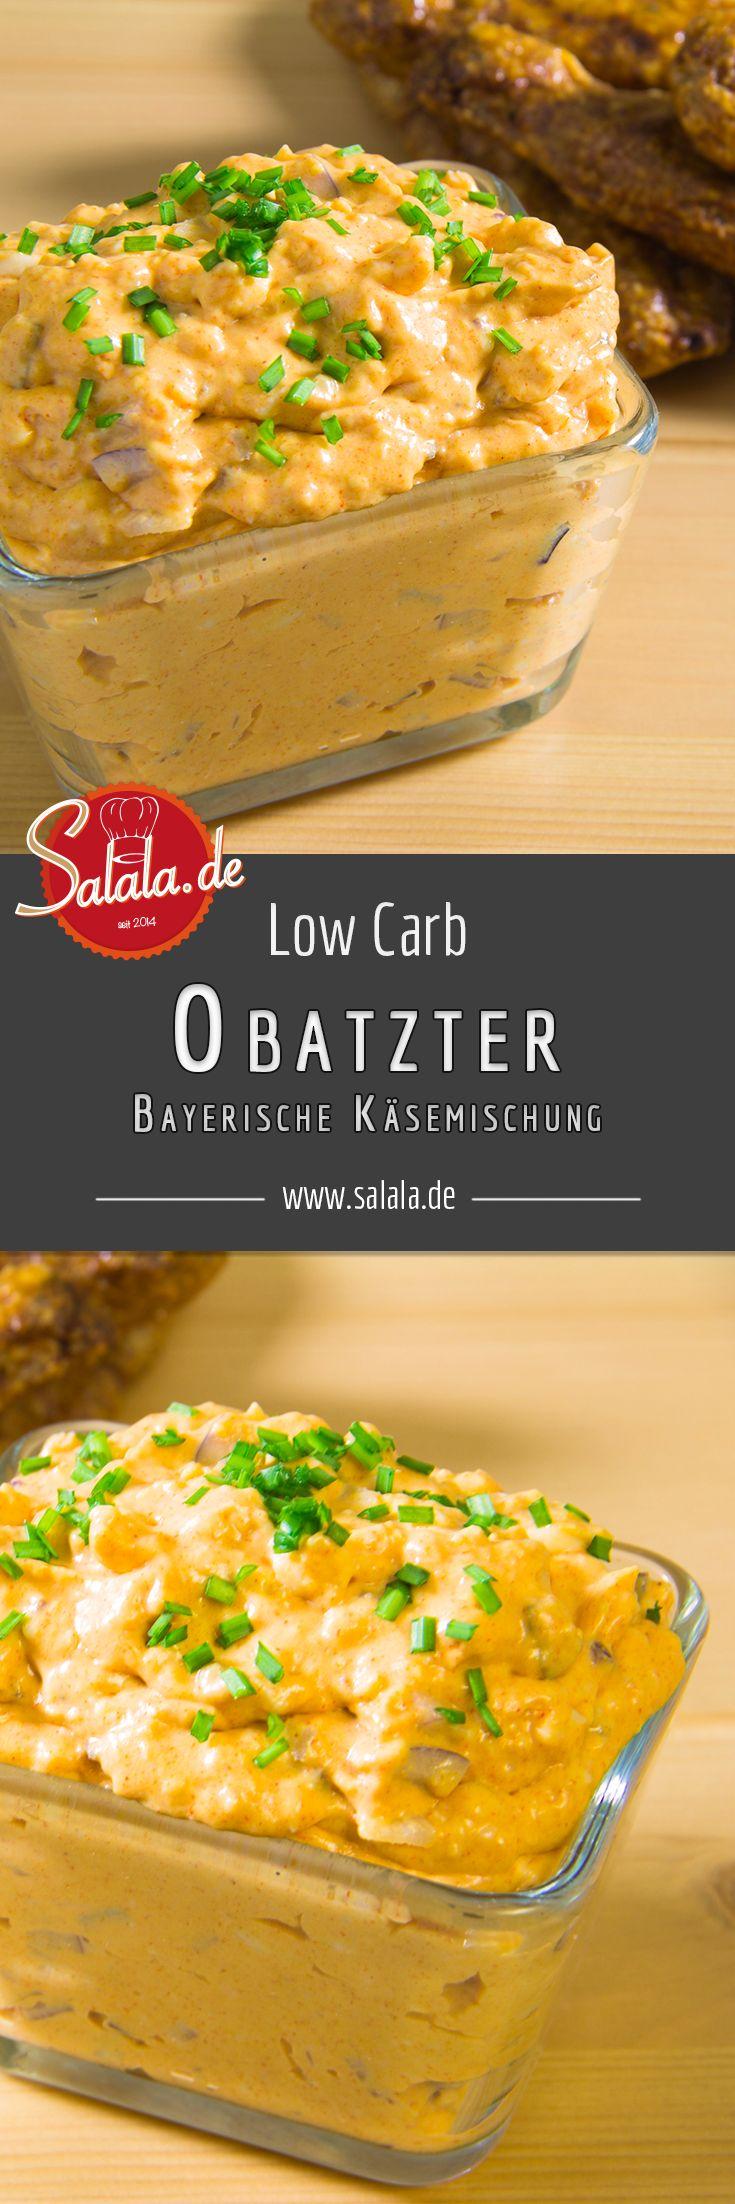 Obatzter Rezept aus der Oberpfalz Käsemischung Low Carb salala.de Woher kommt der Obatzter? Ursprünglich wurde der Obatzte aus überreifen Käseresten (vor allem Camembert und andere Weichkäsen) hergestellt, die zusammen mit Butter und Gewürzen verrührt wurden. Bekannt wurde der Obatzte in den 1920er Jahren. Eine Wirtin in Freising (Katharina Eisenreich / Weinstephaner Bräustüberl) servierte damals Ihren Gästen diese Käsespezialität.